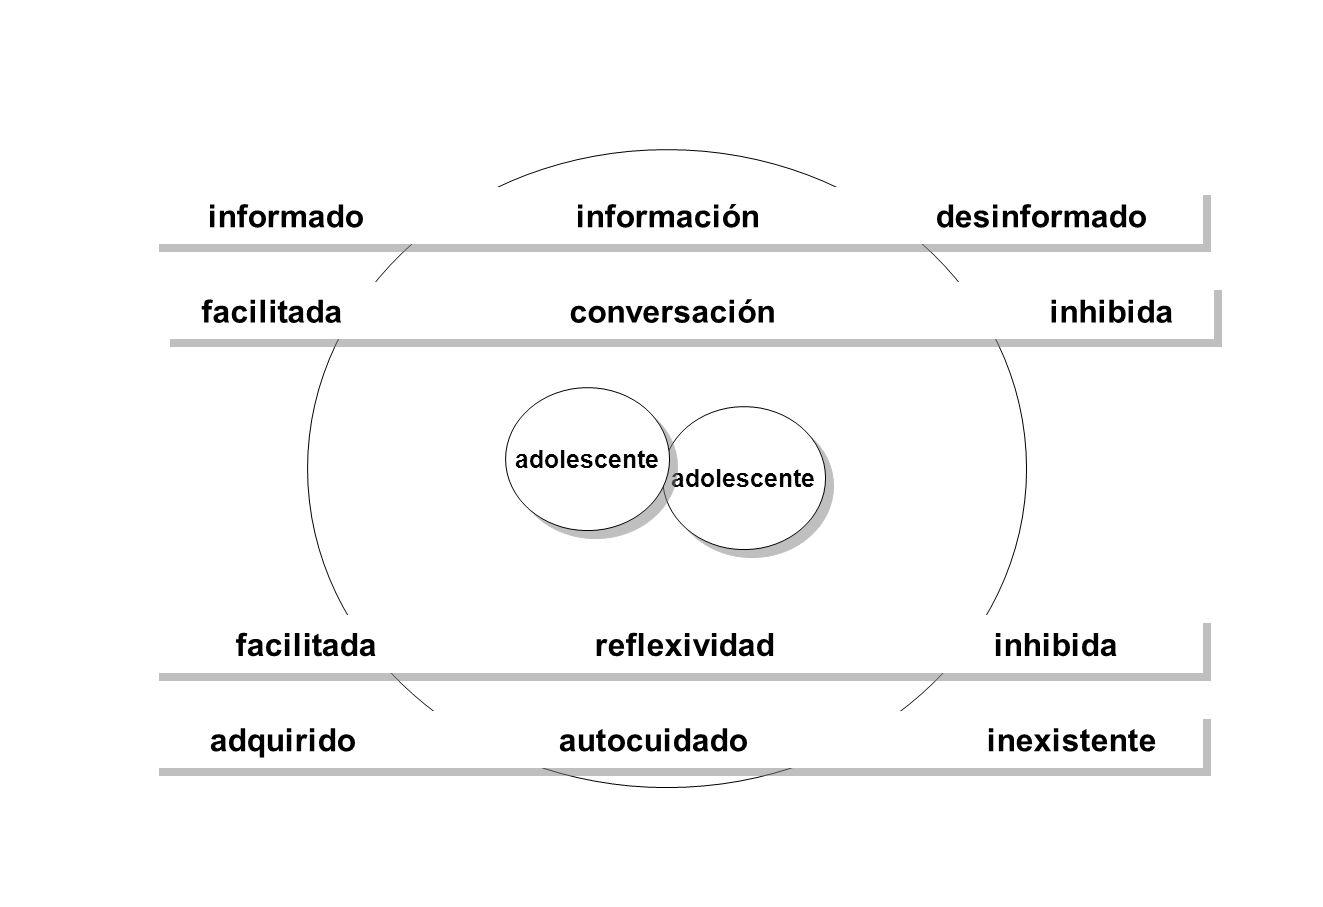 adolescente facilitada conversación inhibida informado información desinformado facilitada reflexividad inhibida adquirido autocuidado inexistente